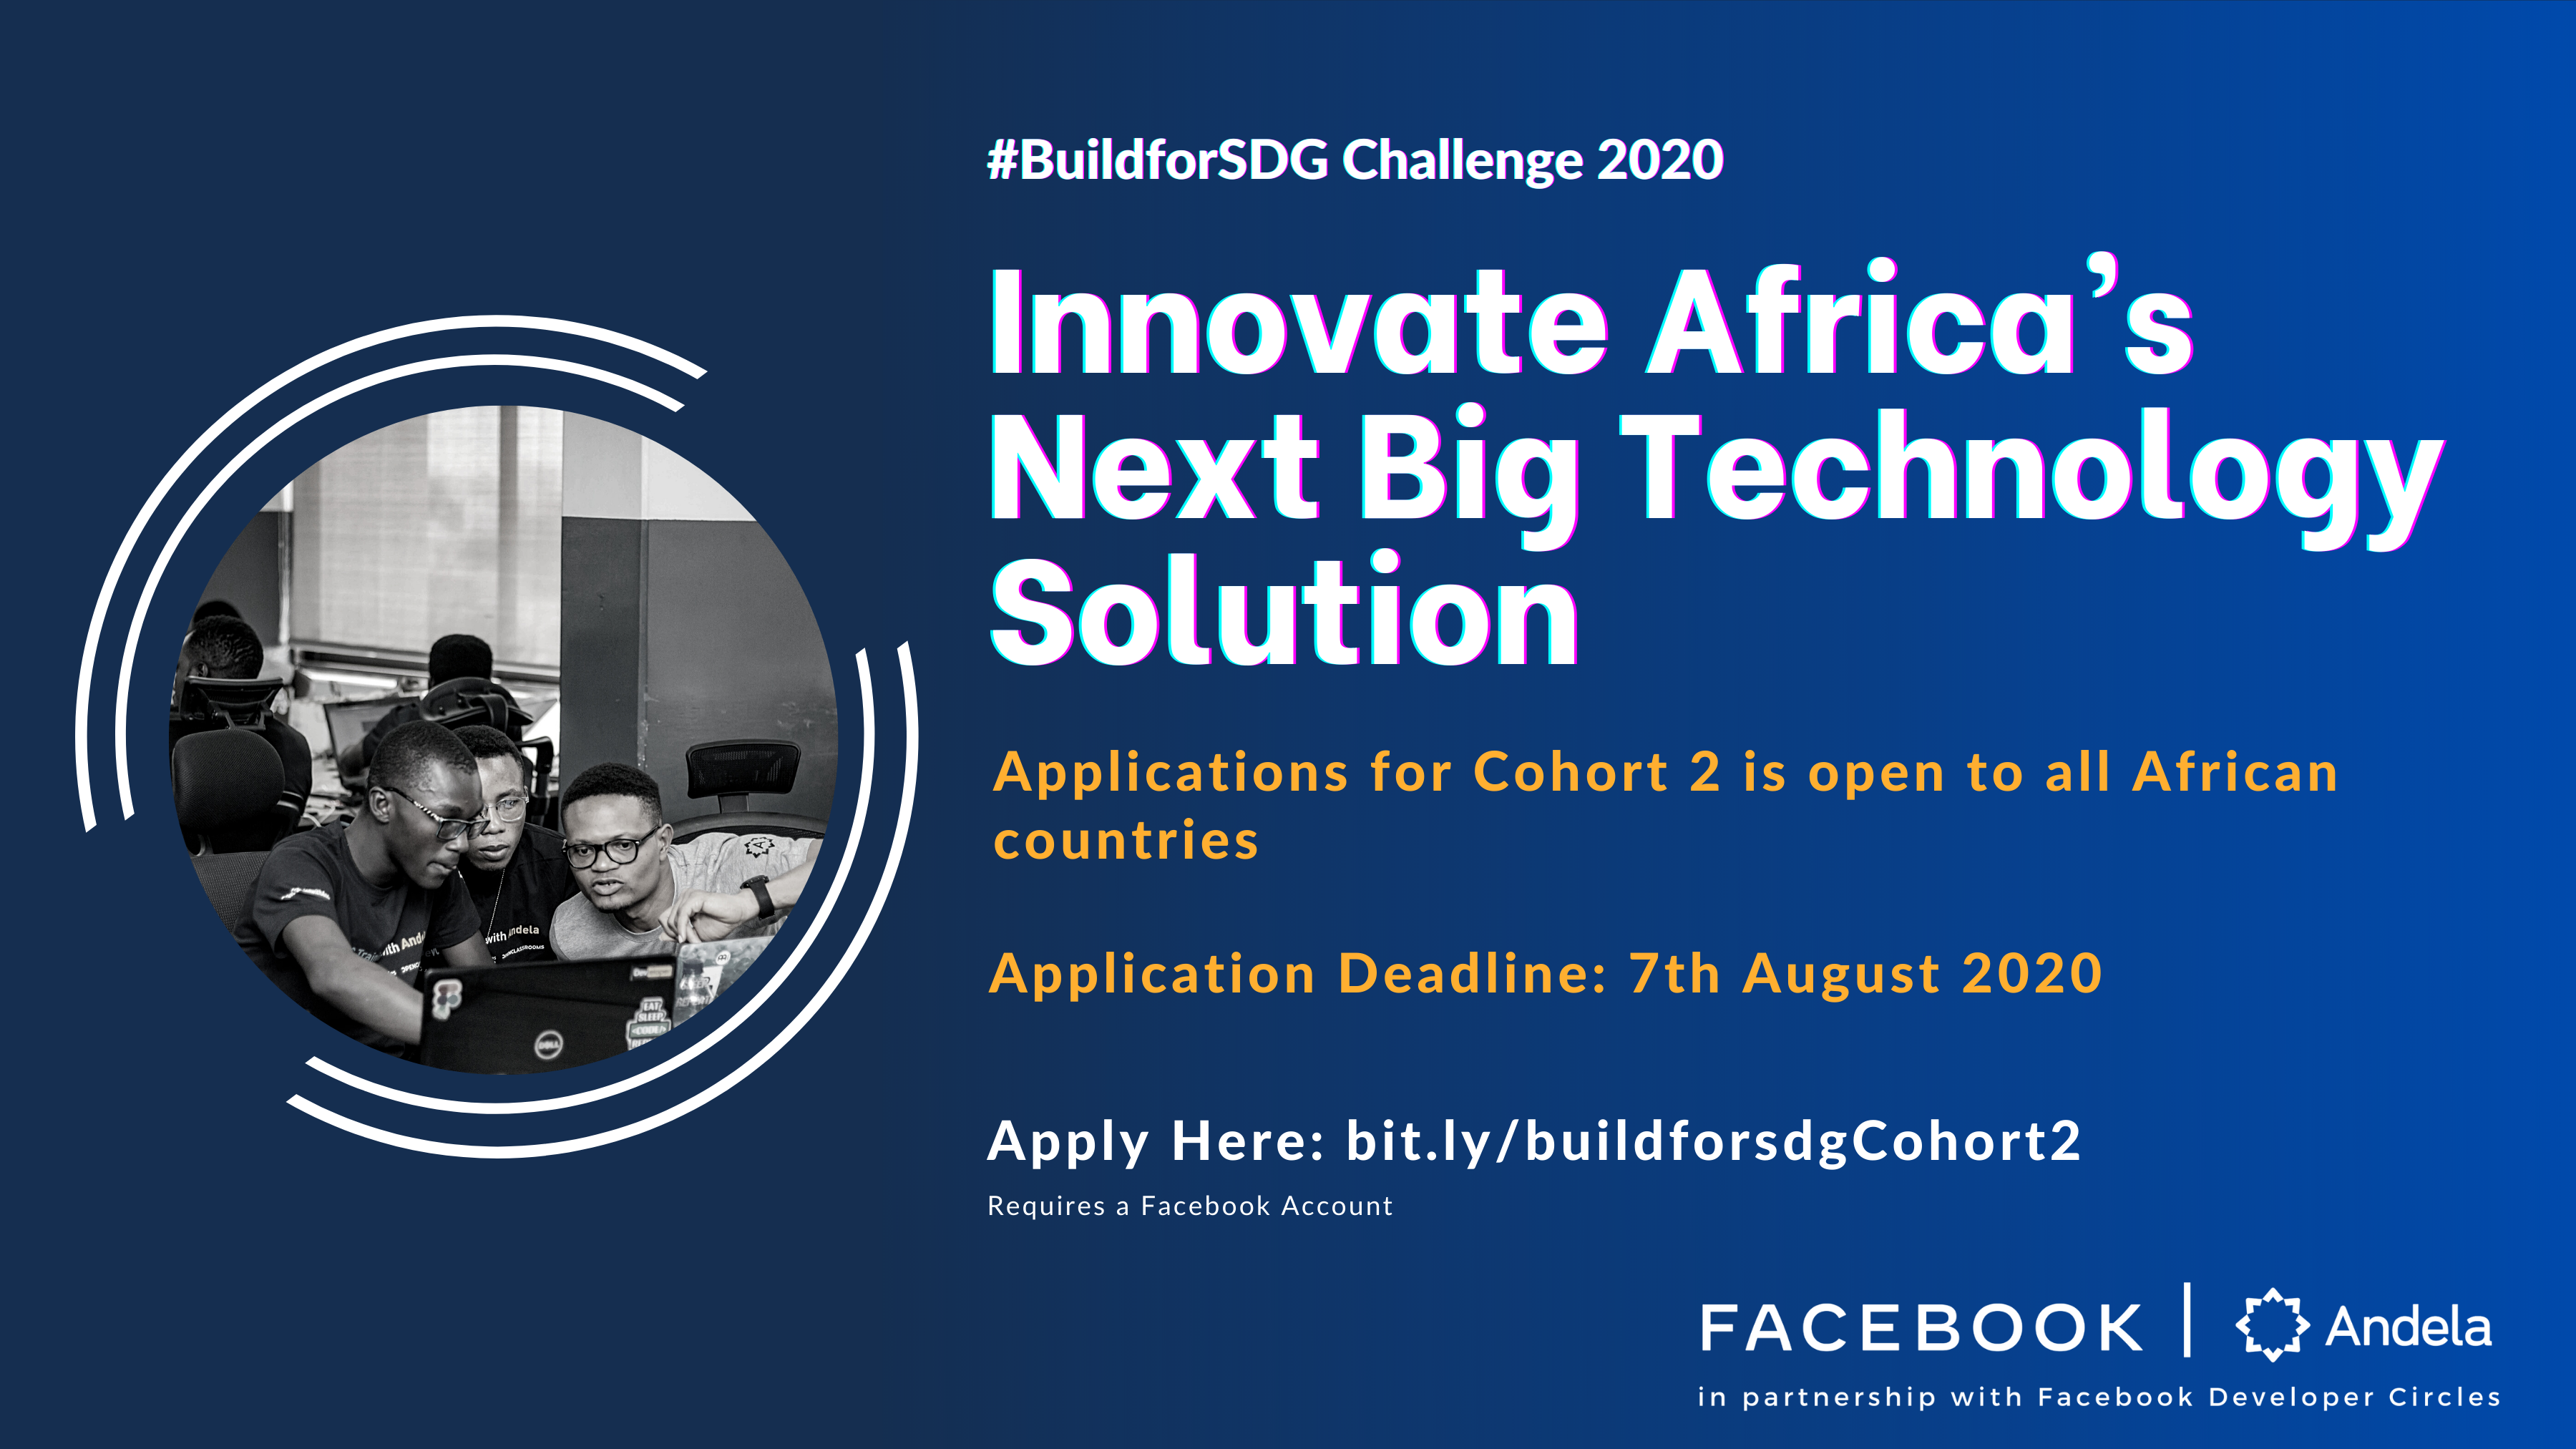 Facebook/Andela #BuildforSDG Challenge 2020 for Developers in Africa